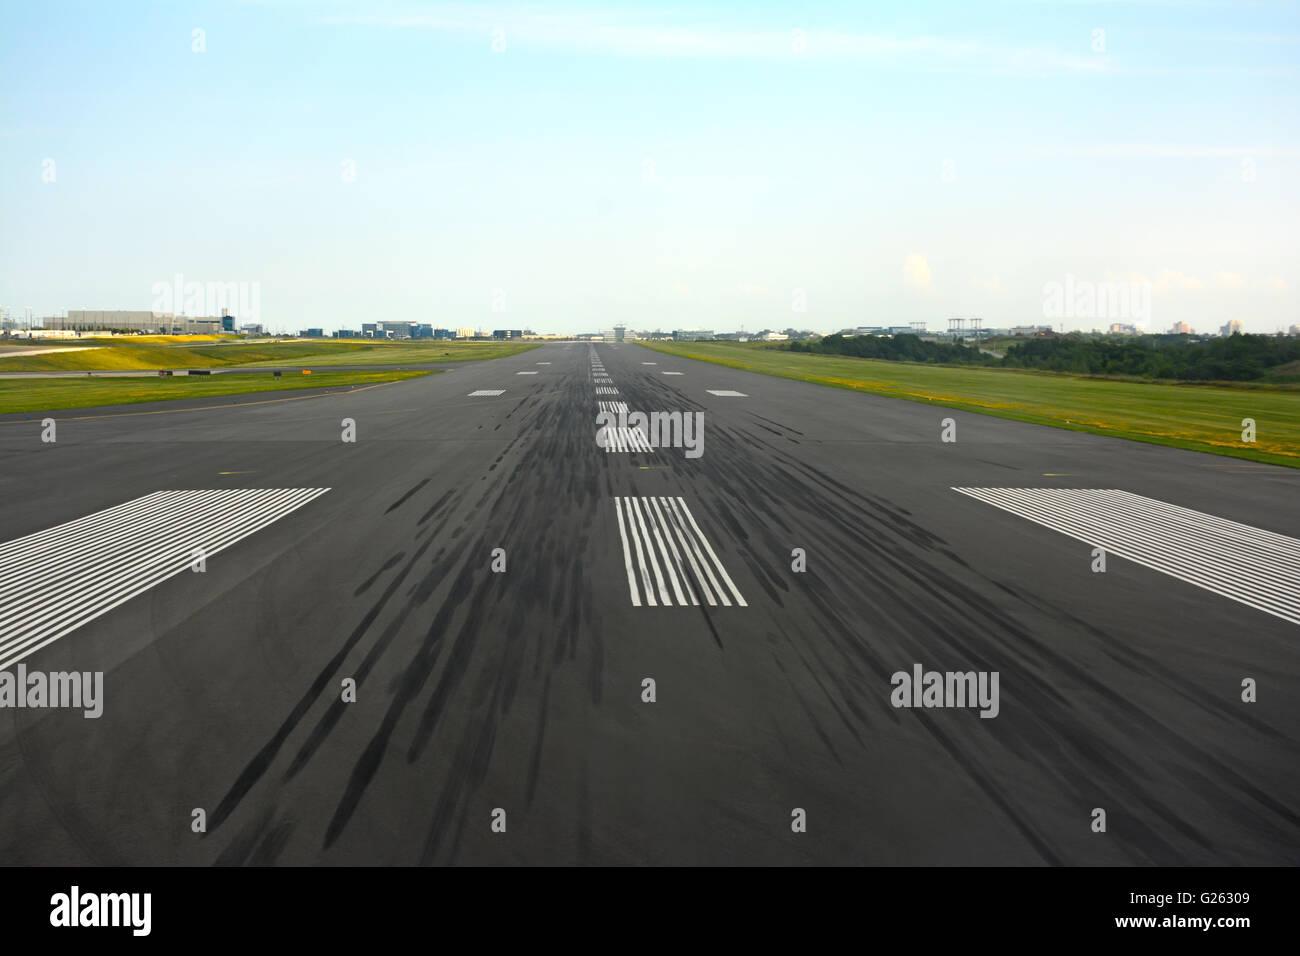 Airport runway - Stock Image